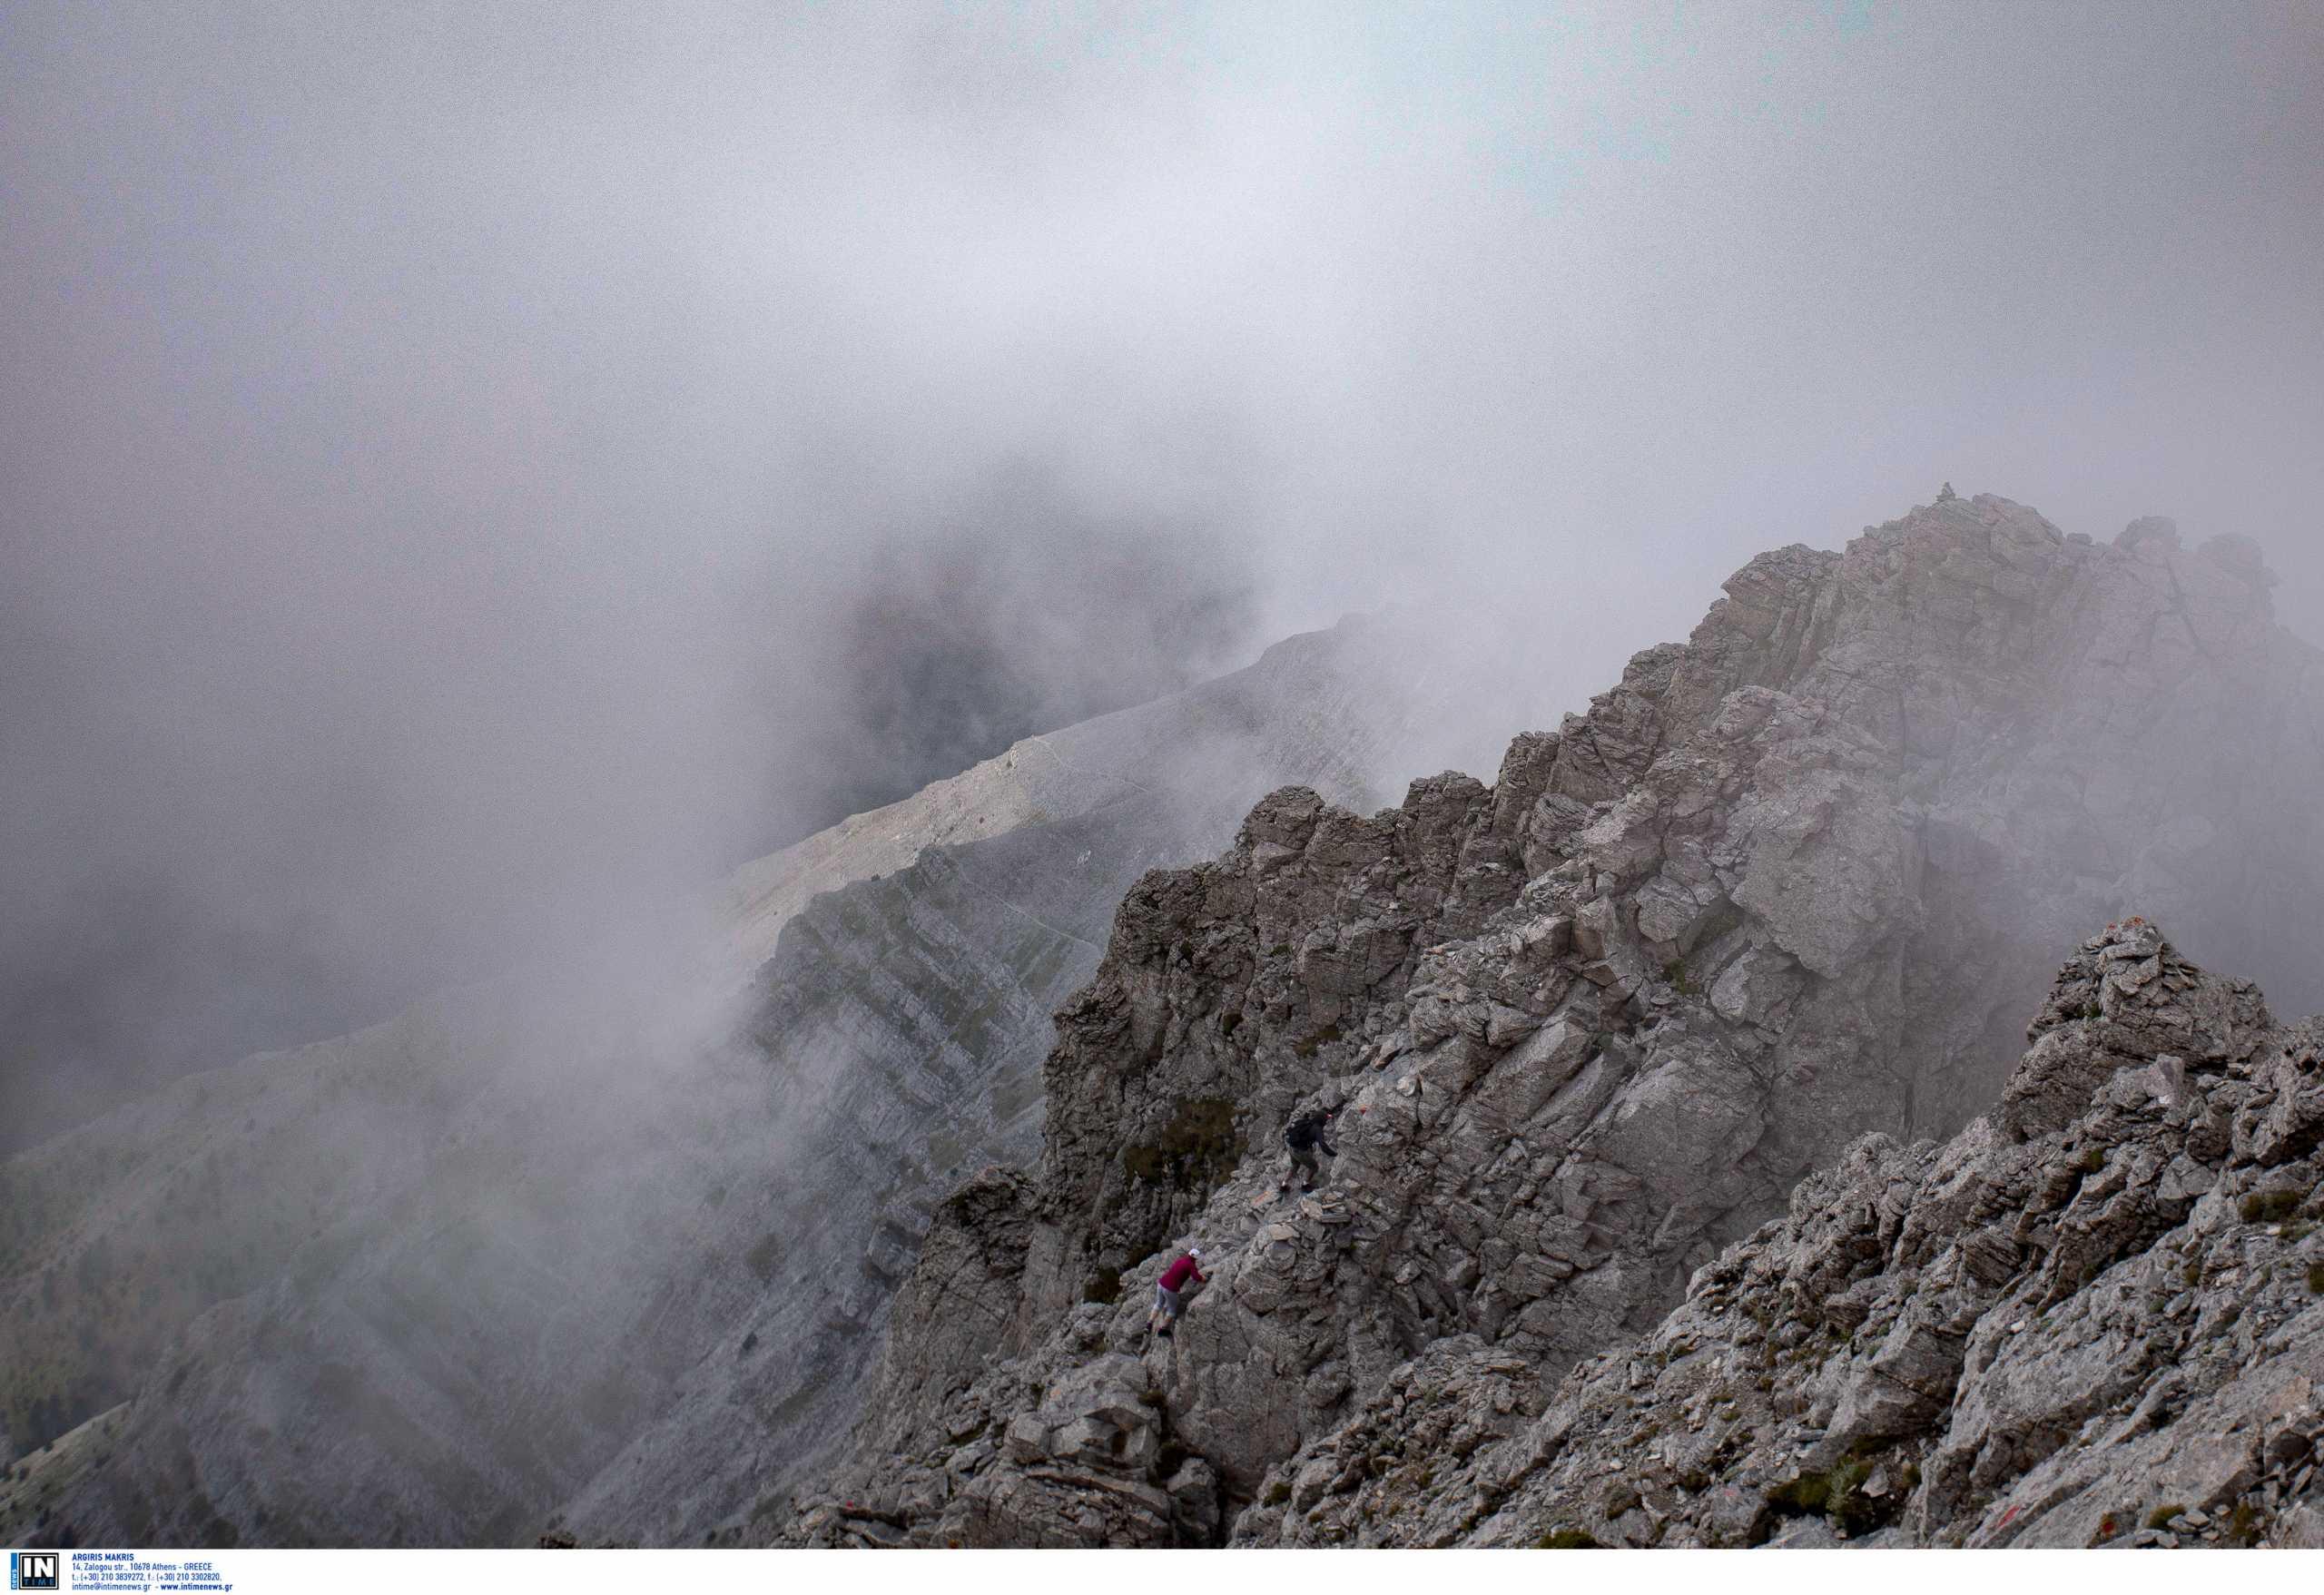 Όλυμπος: «Σβήνουν» οι ελπίδες για τον ορειβάτη που χάθηκε στις 3 Ιουλίου